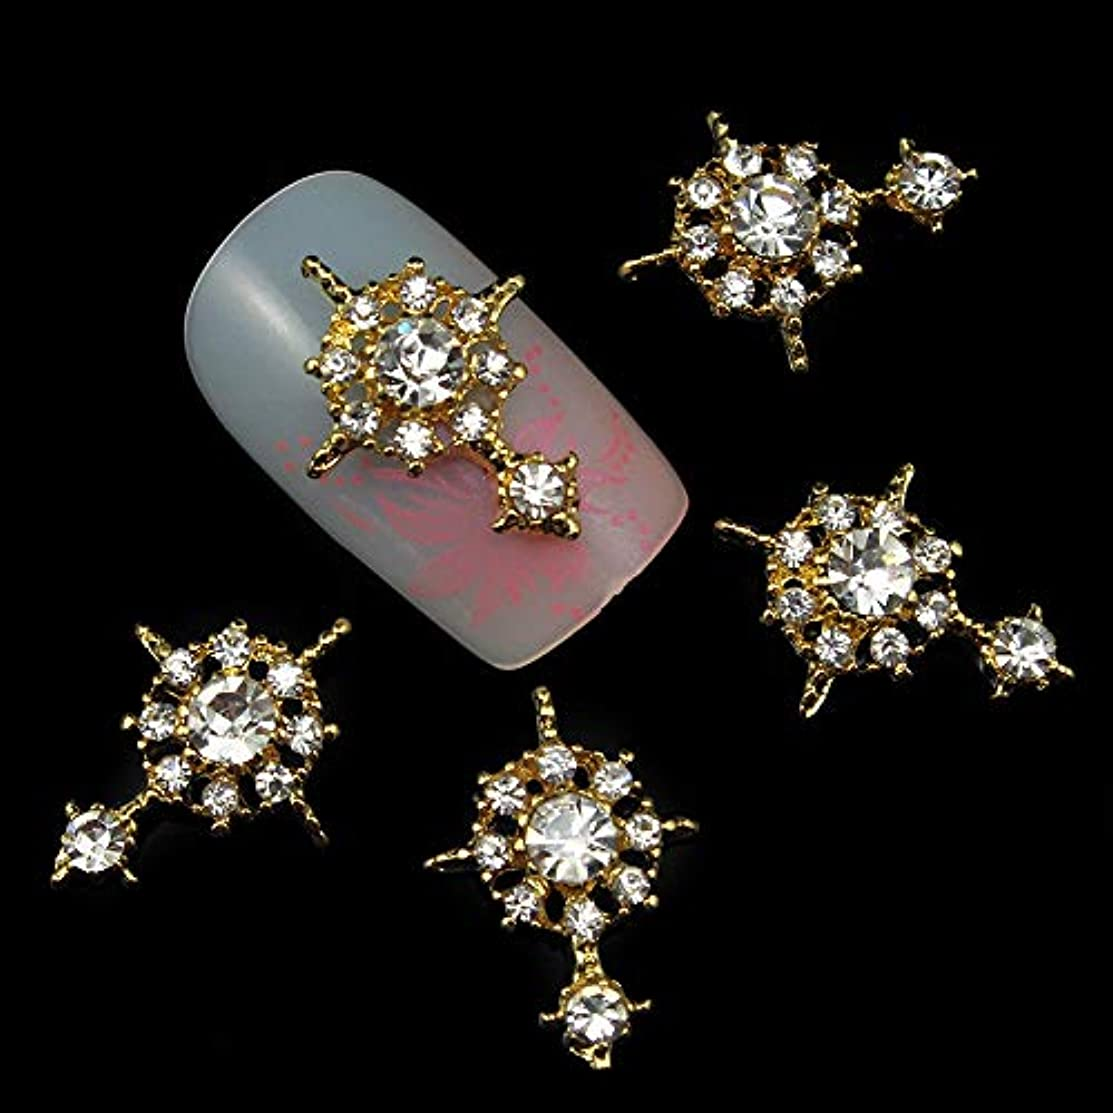 割合精算政策10個入りゴールドラダーネイルラインストーングリッター1セットの3Dネイルアートの装飾ゴールドチャームDIYネイルアクセサリー